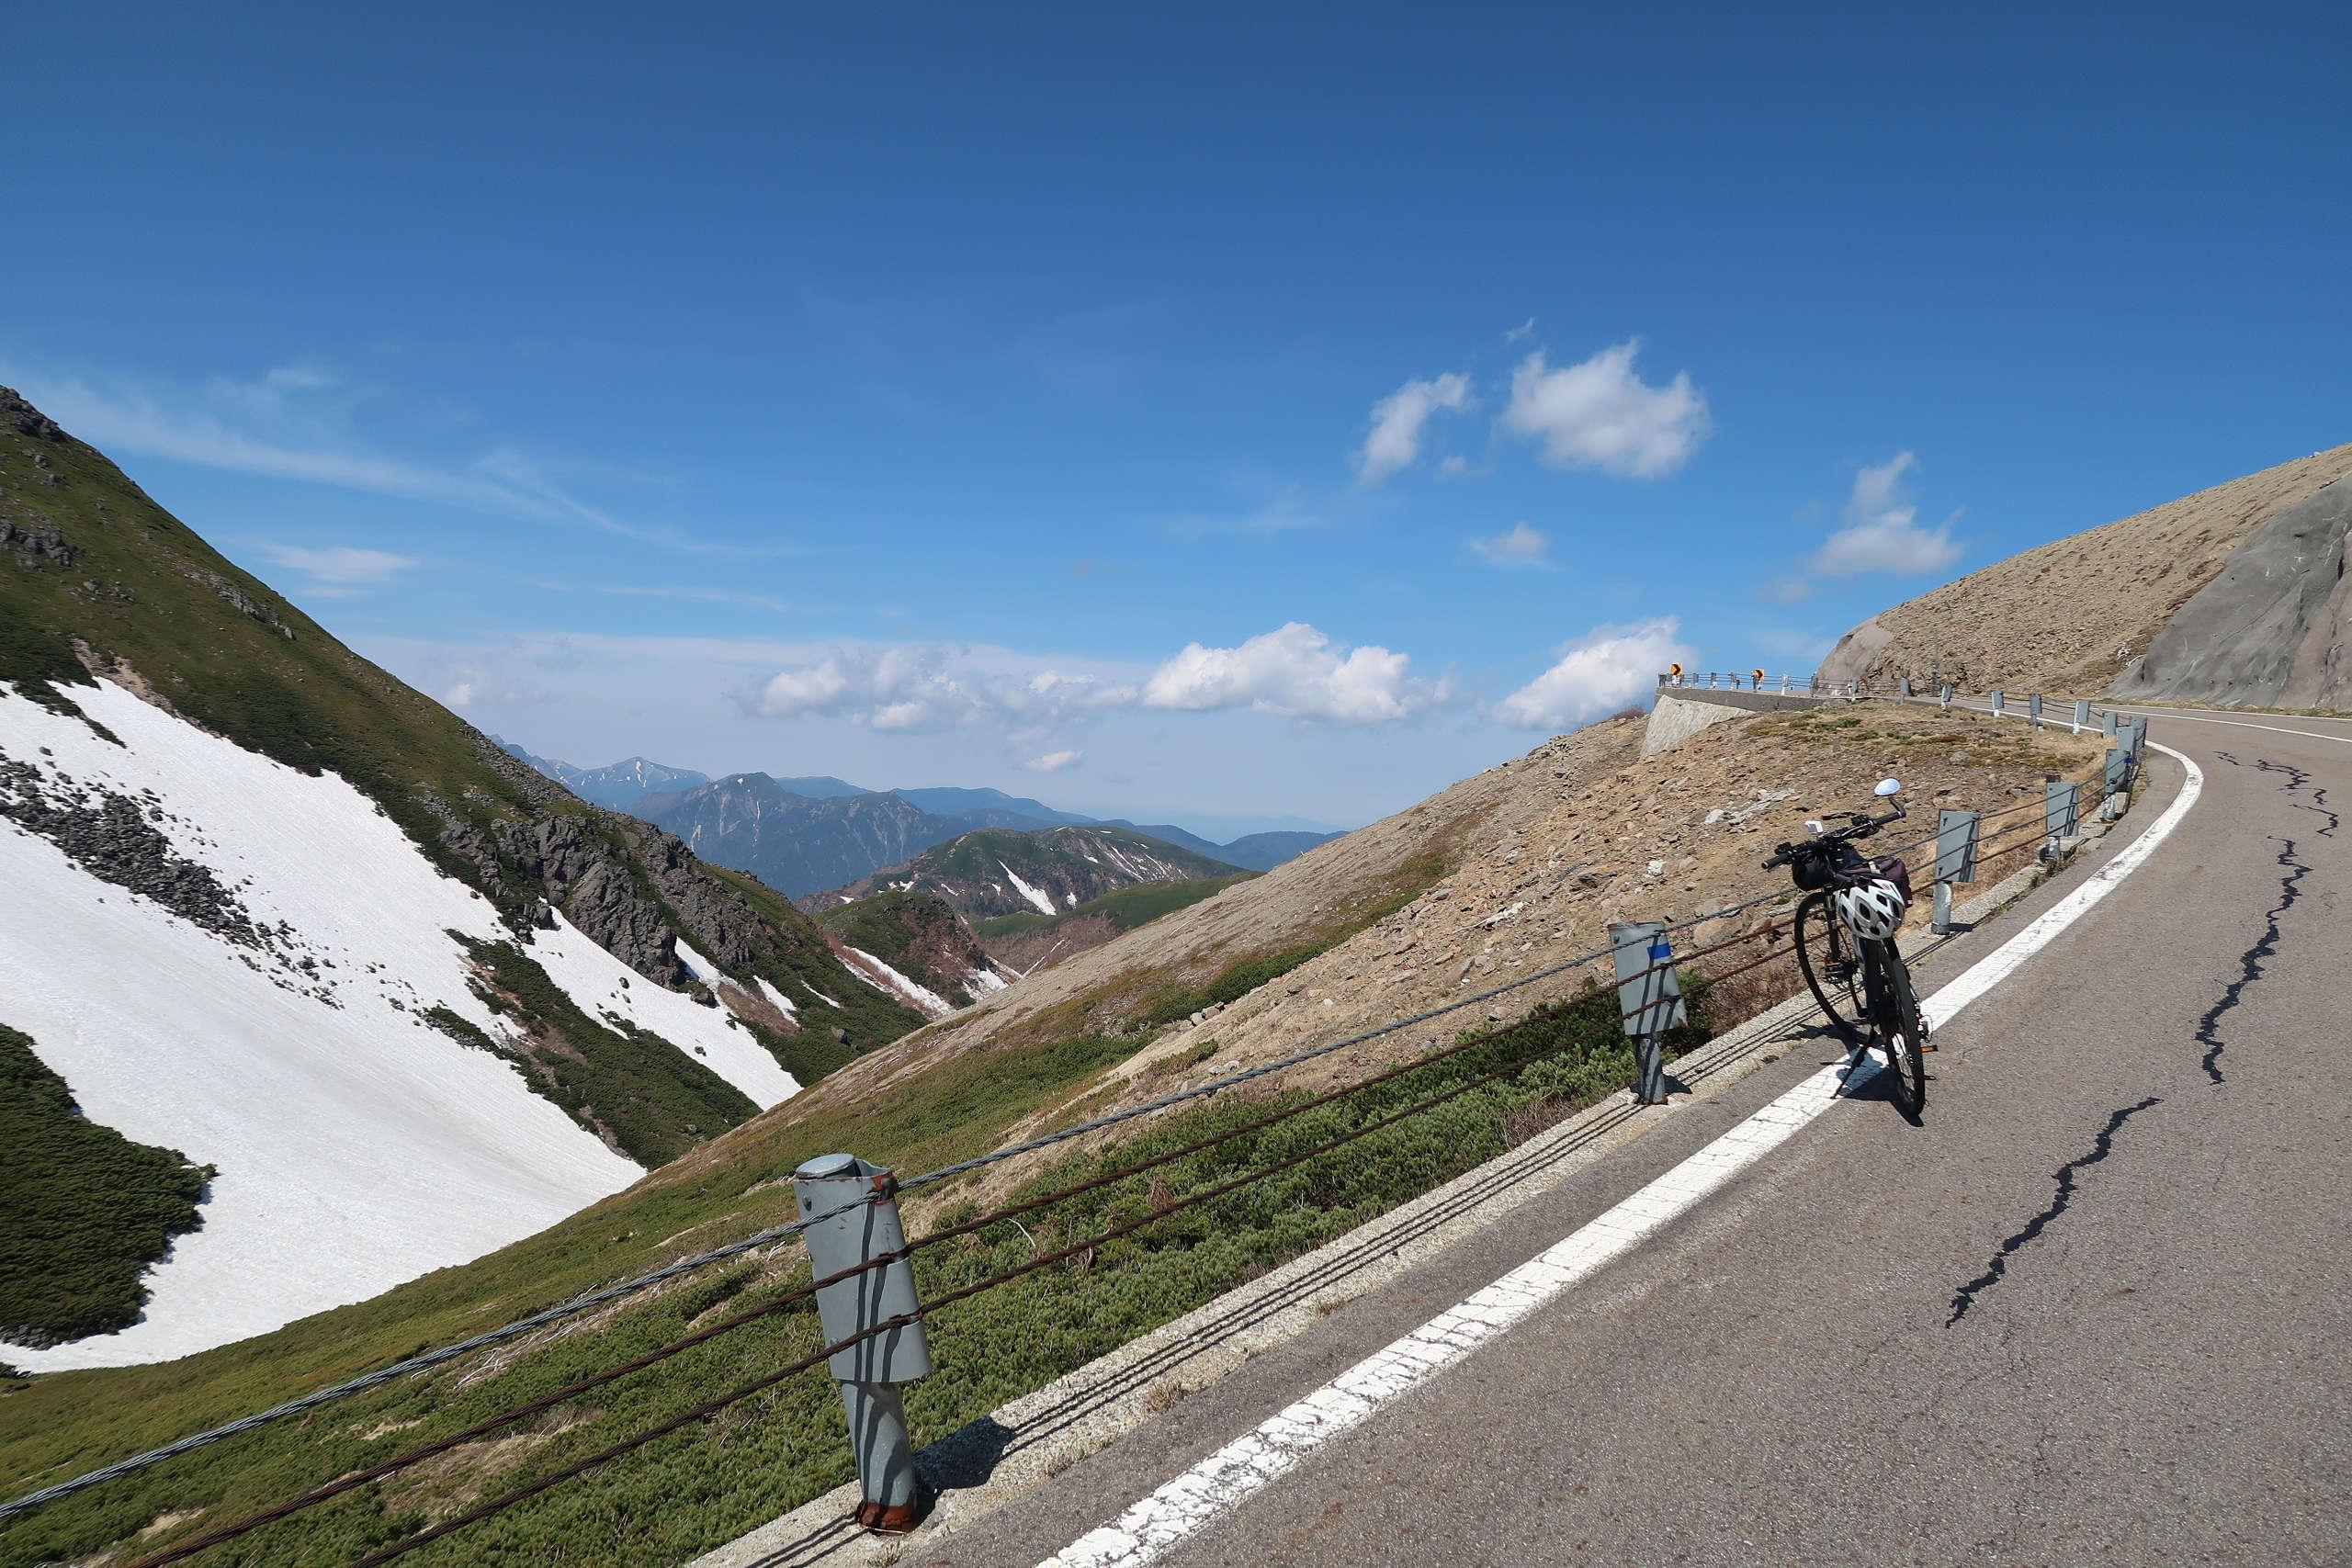 2ちゃんねる的自転車板写真部 104枚目 [無断転載禁止]©2ch.netYouTube動画>12本 ->画像>247枚